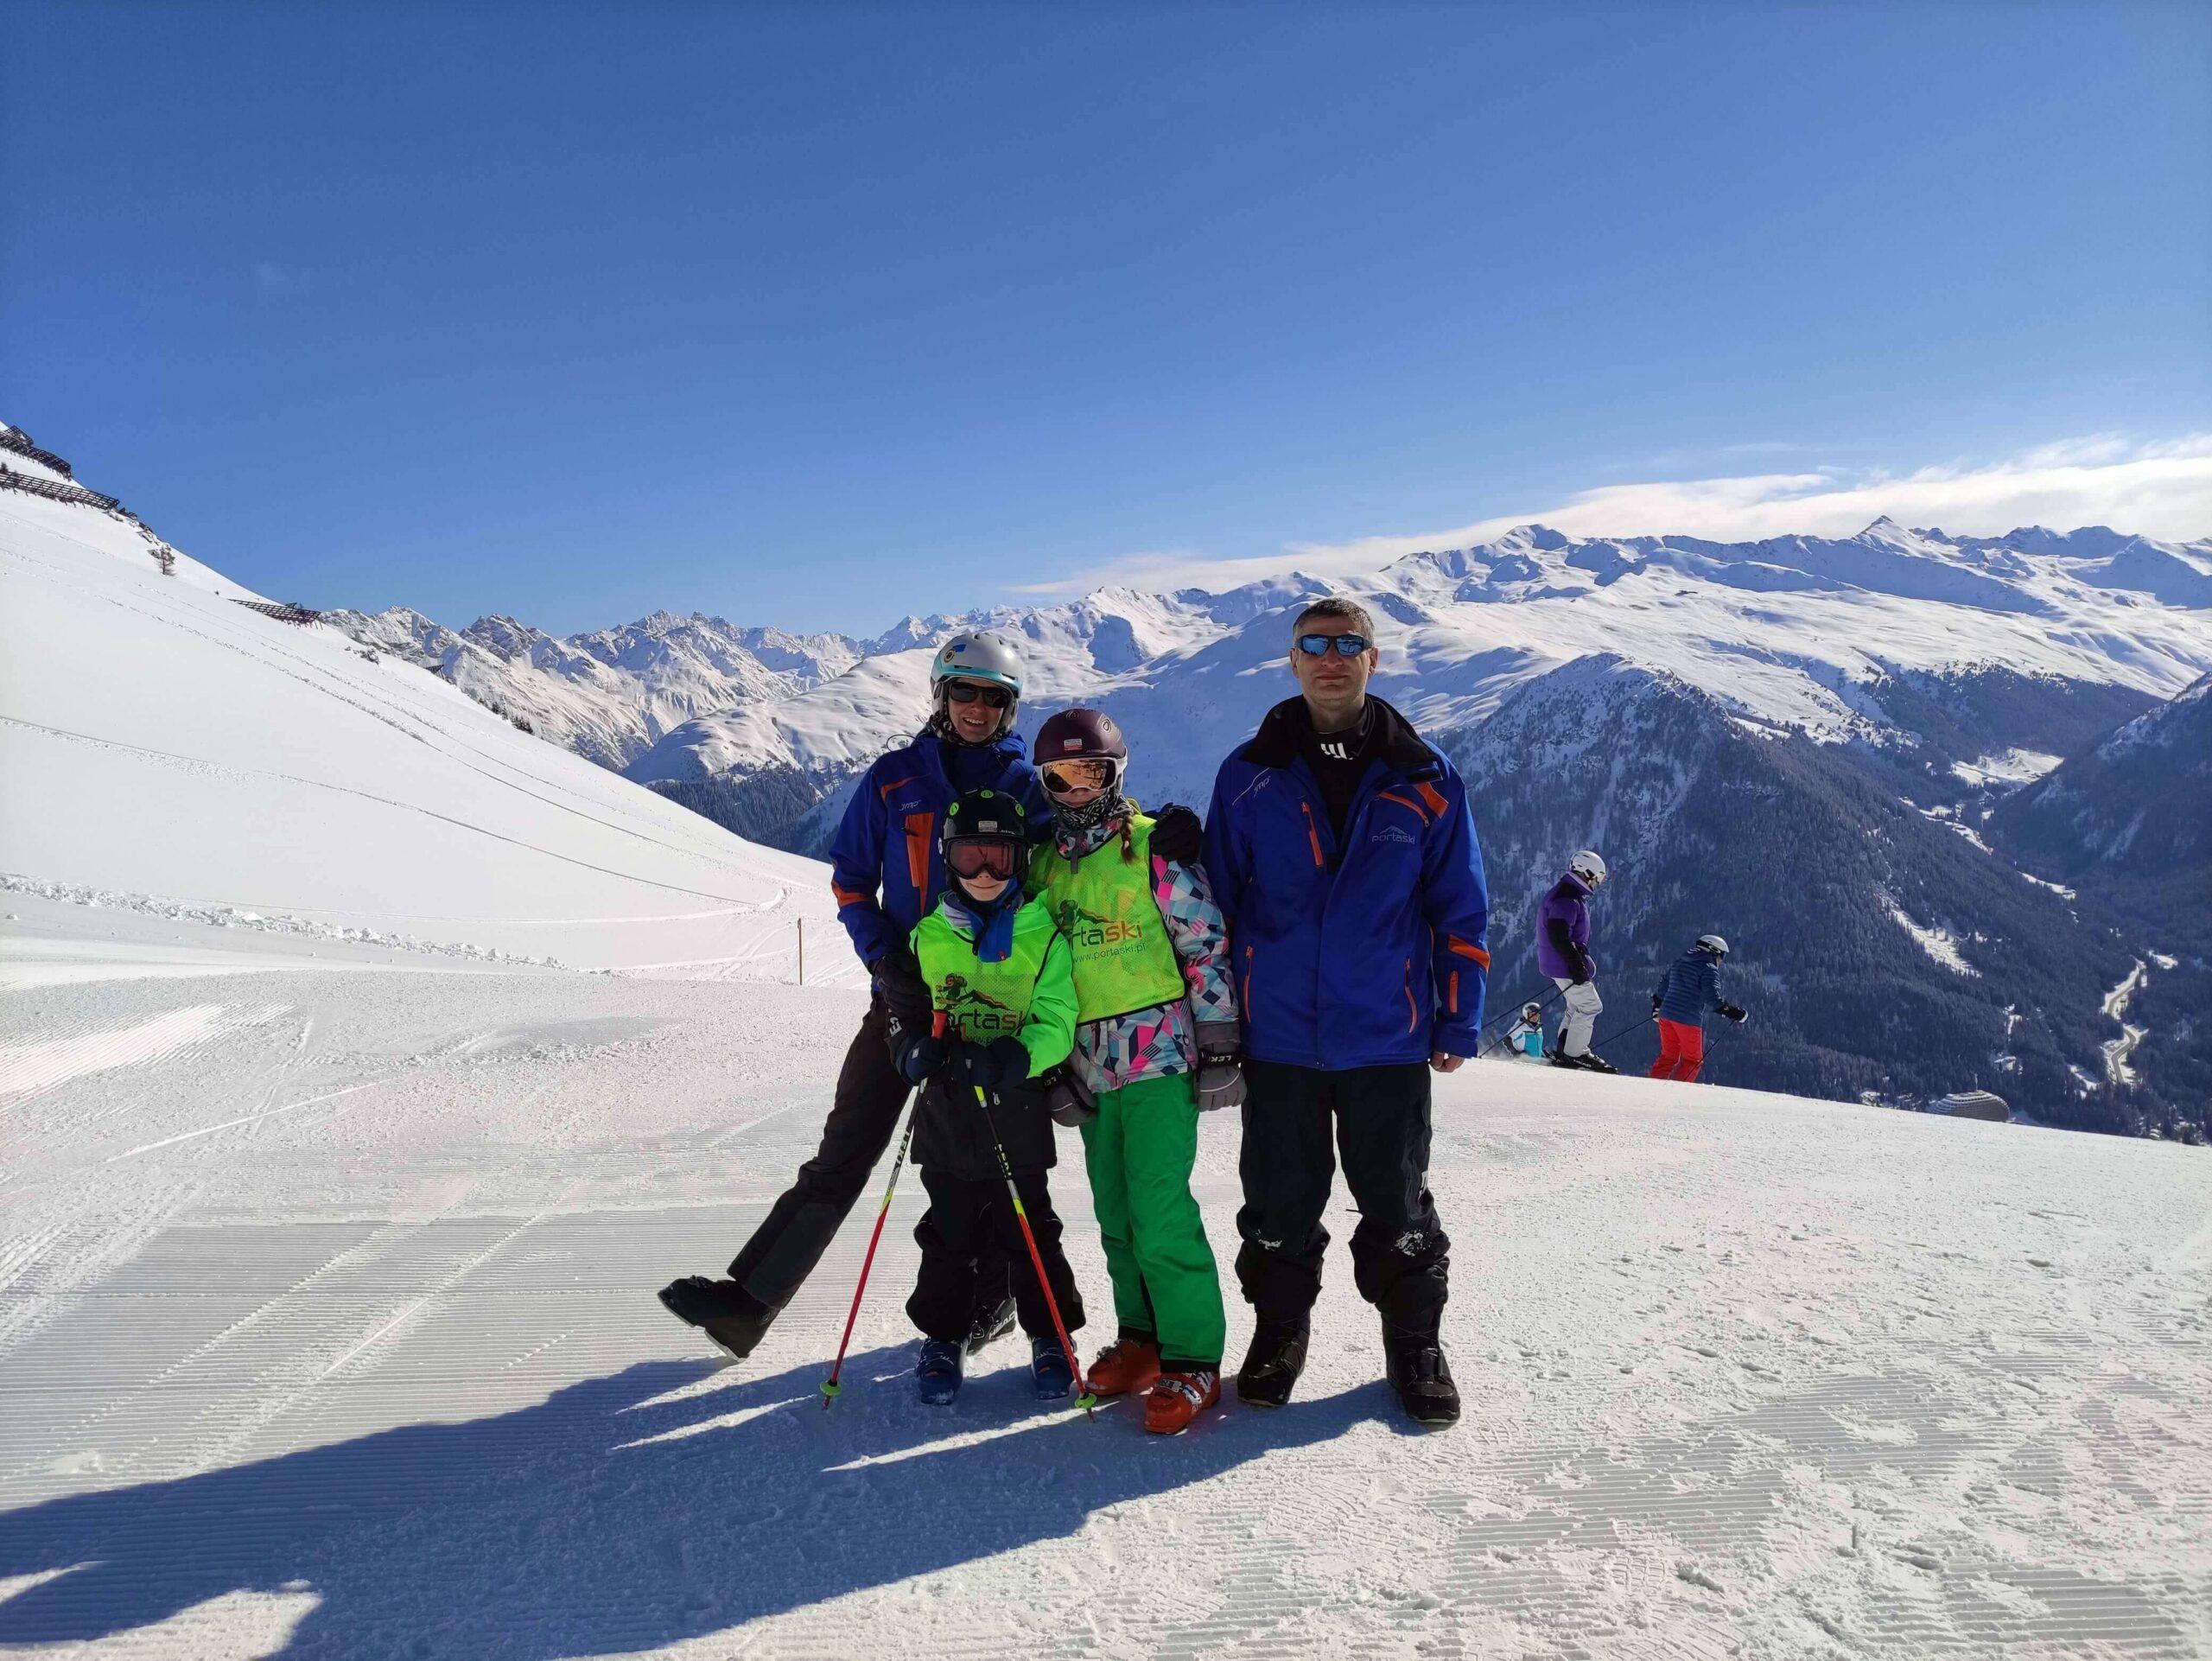 PortaSki - Rodzinne wyjazdy na narty w Alpy